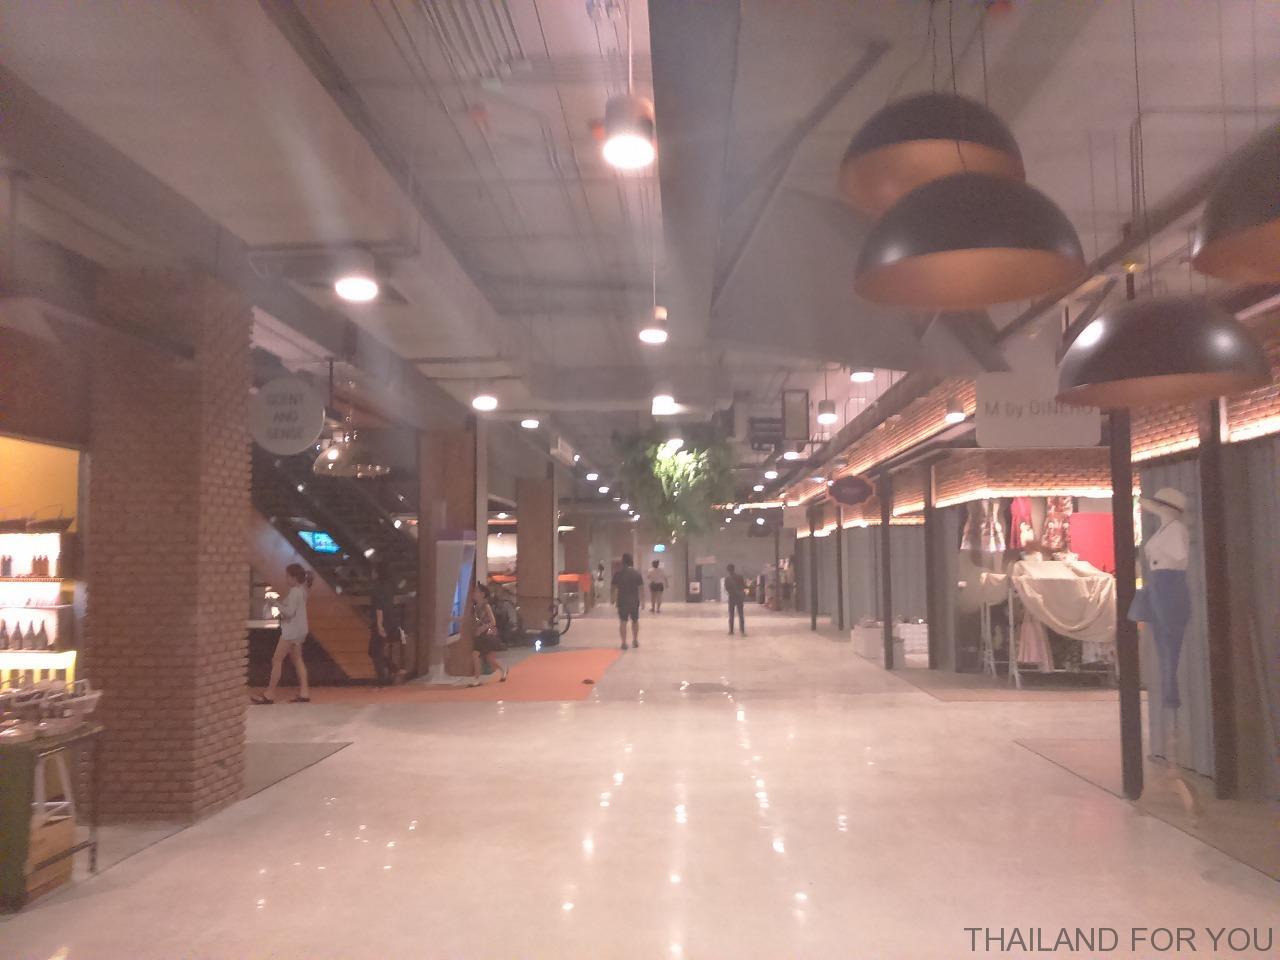 ラチャダーの新ショッピングモール THE STREET(ザ・ストリート)の写真